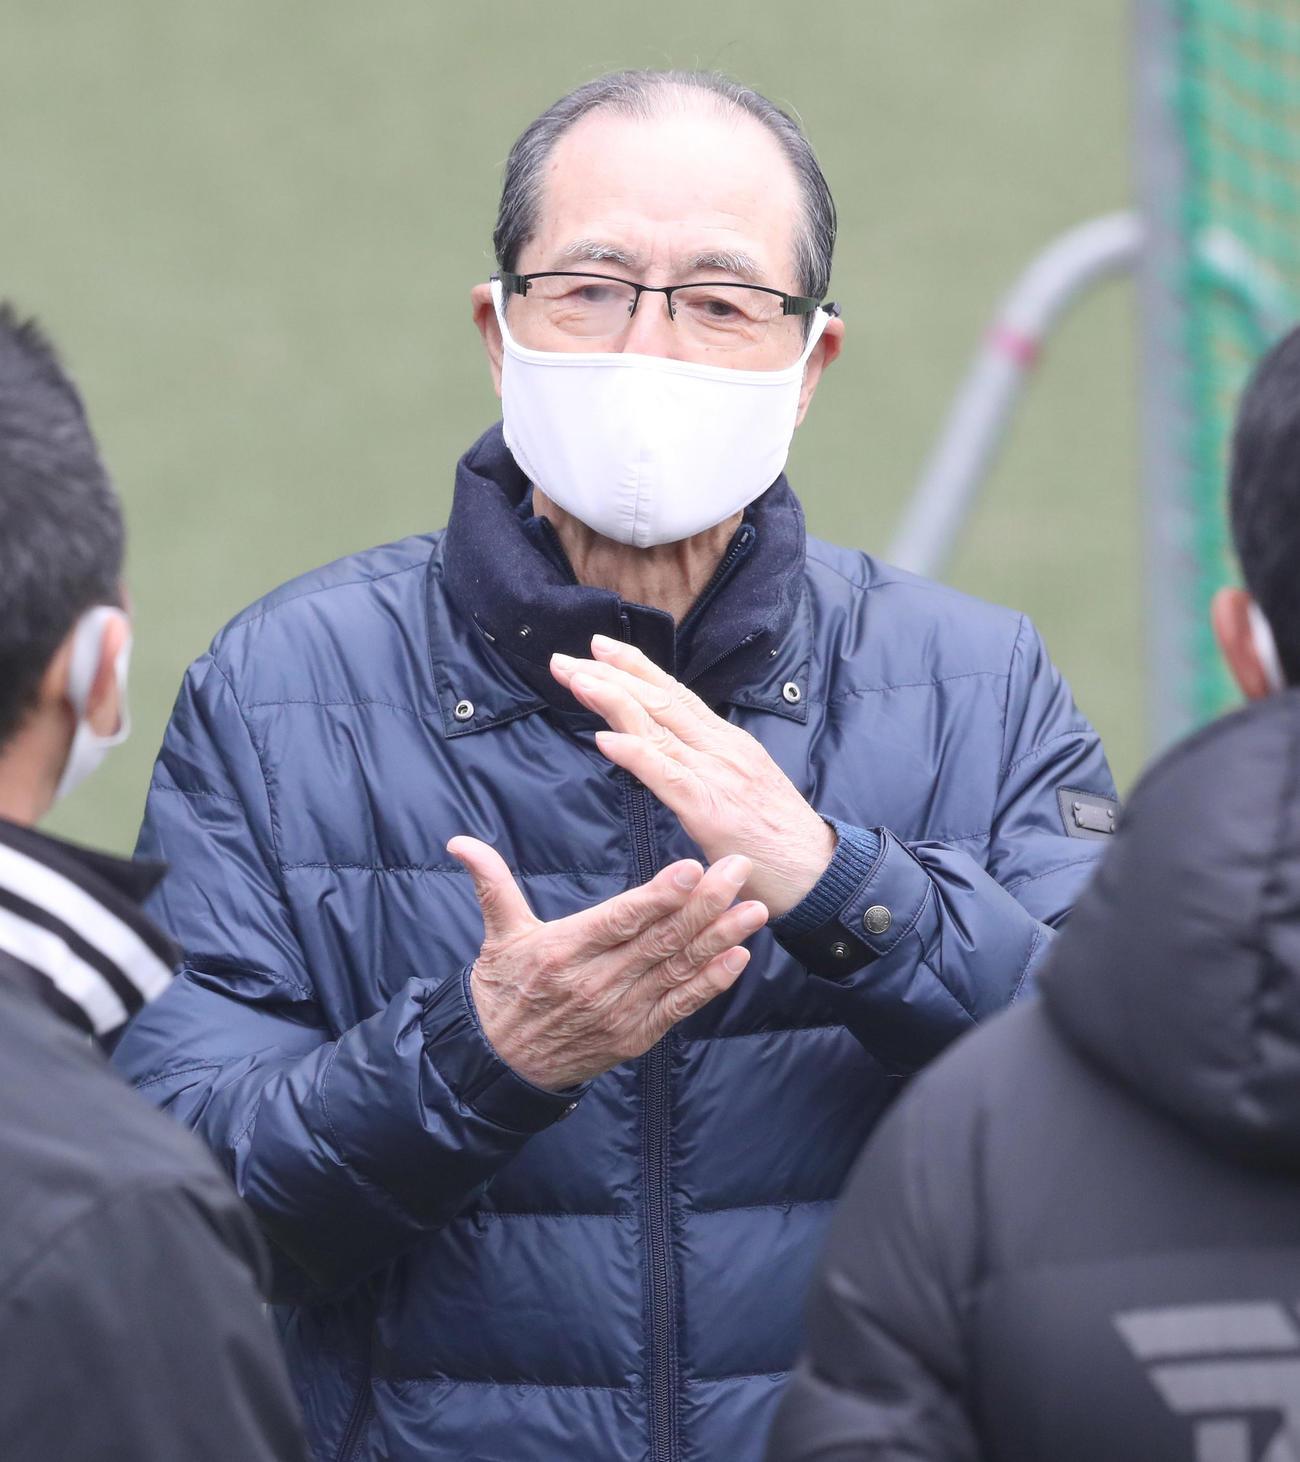 タマホームスタジアム筑後を視察した王球団会長(代表撮影)